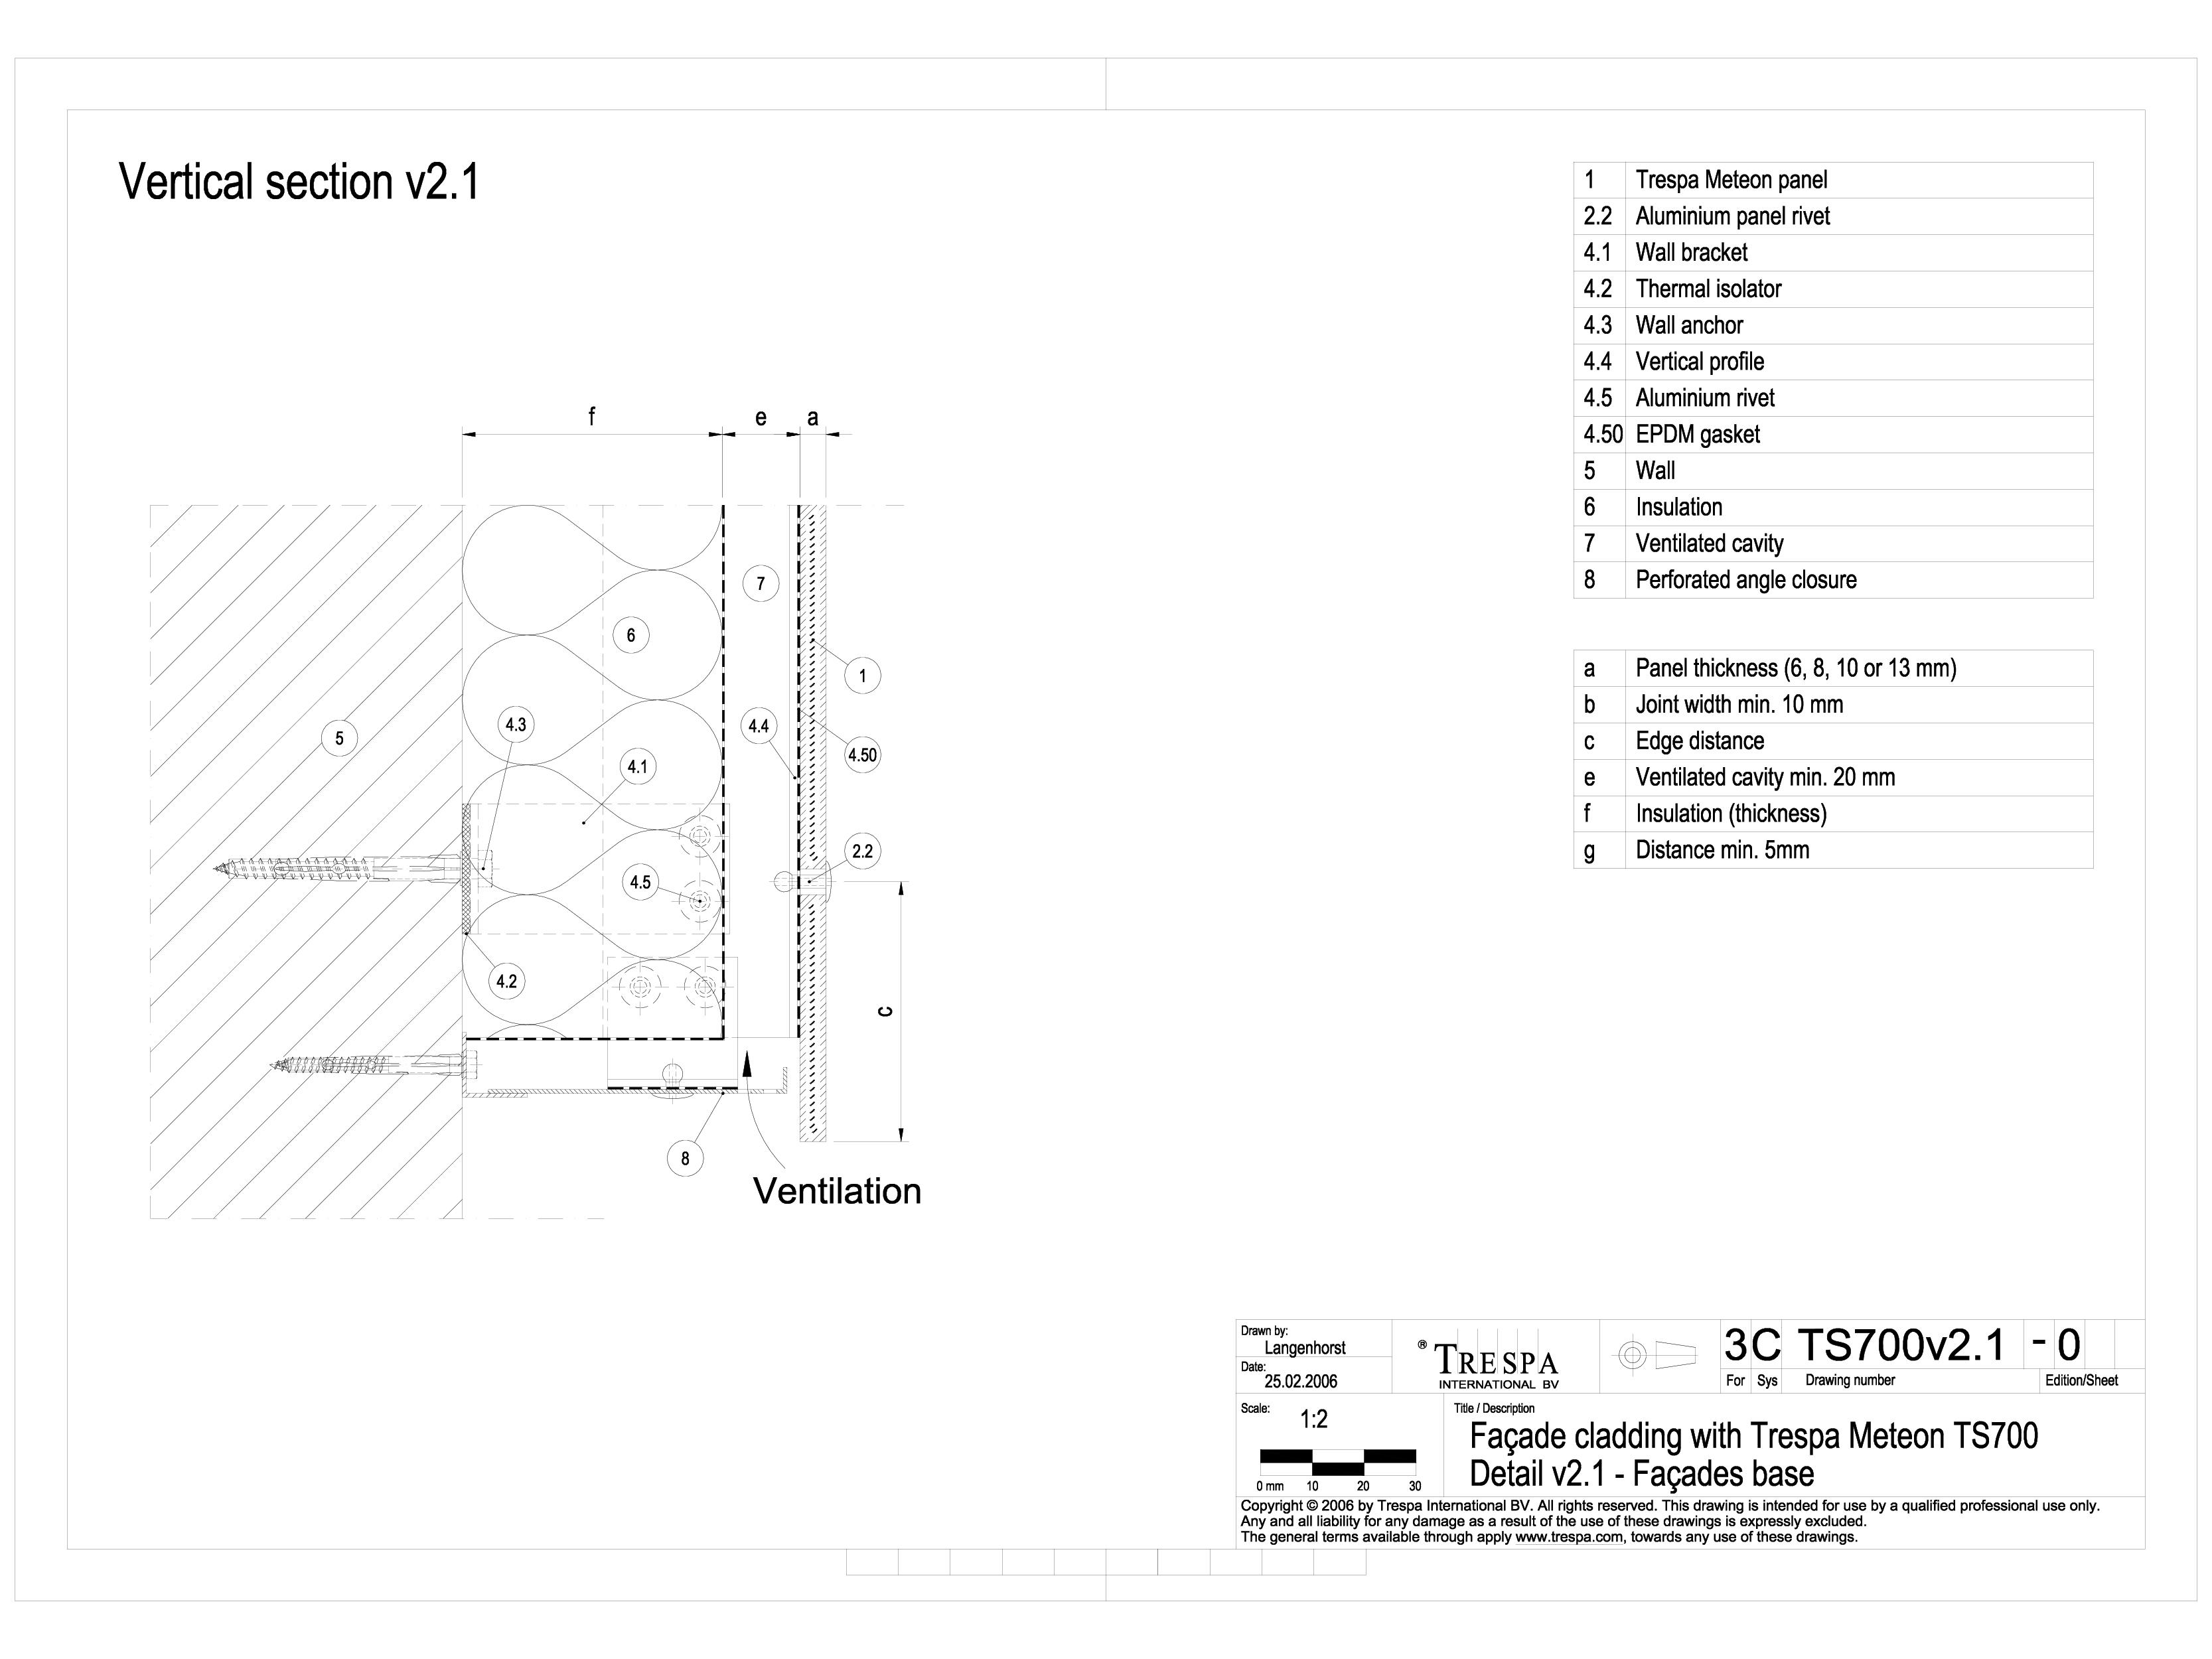 Sisteme de prindere fatade ventilate invizibile cu nituri, detaliu de prindere la baza fatadei METEON TRESPA Placi HPL pentru fatade ventilate GIBB TECHNOLOGIES  - Pagina 1